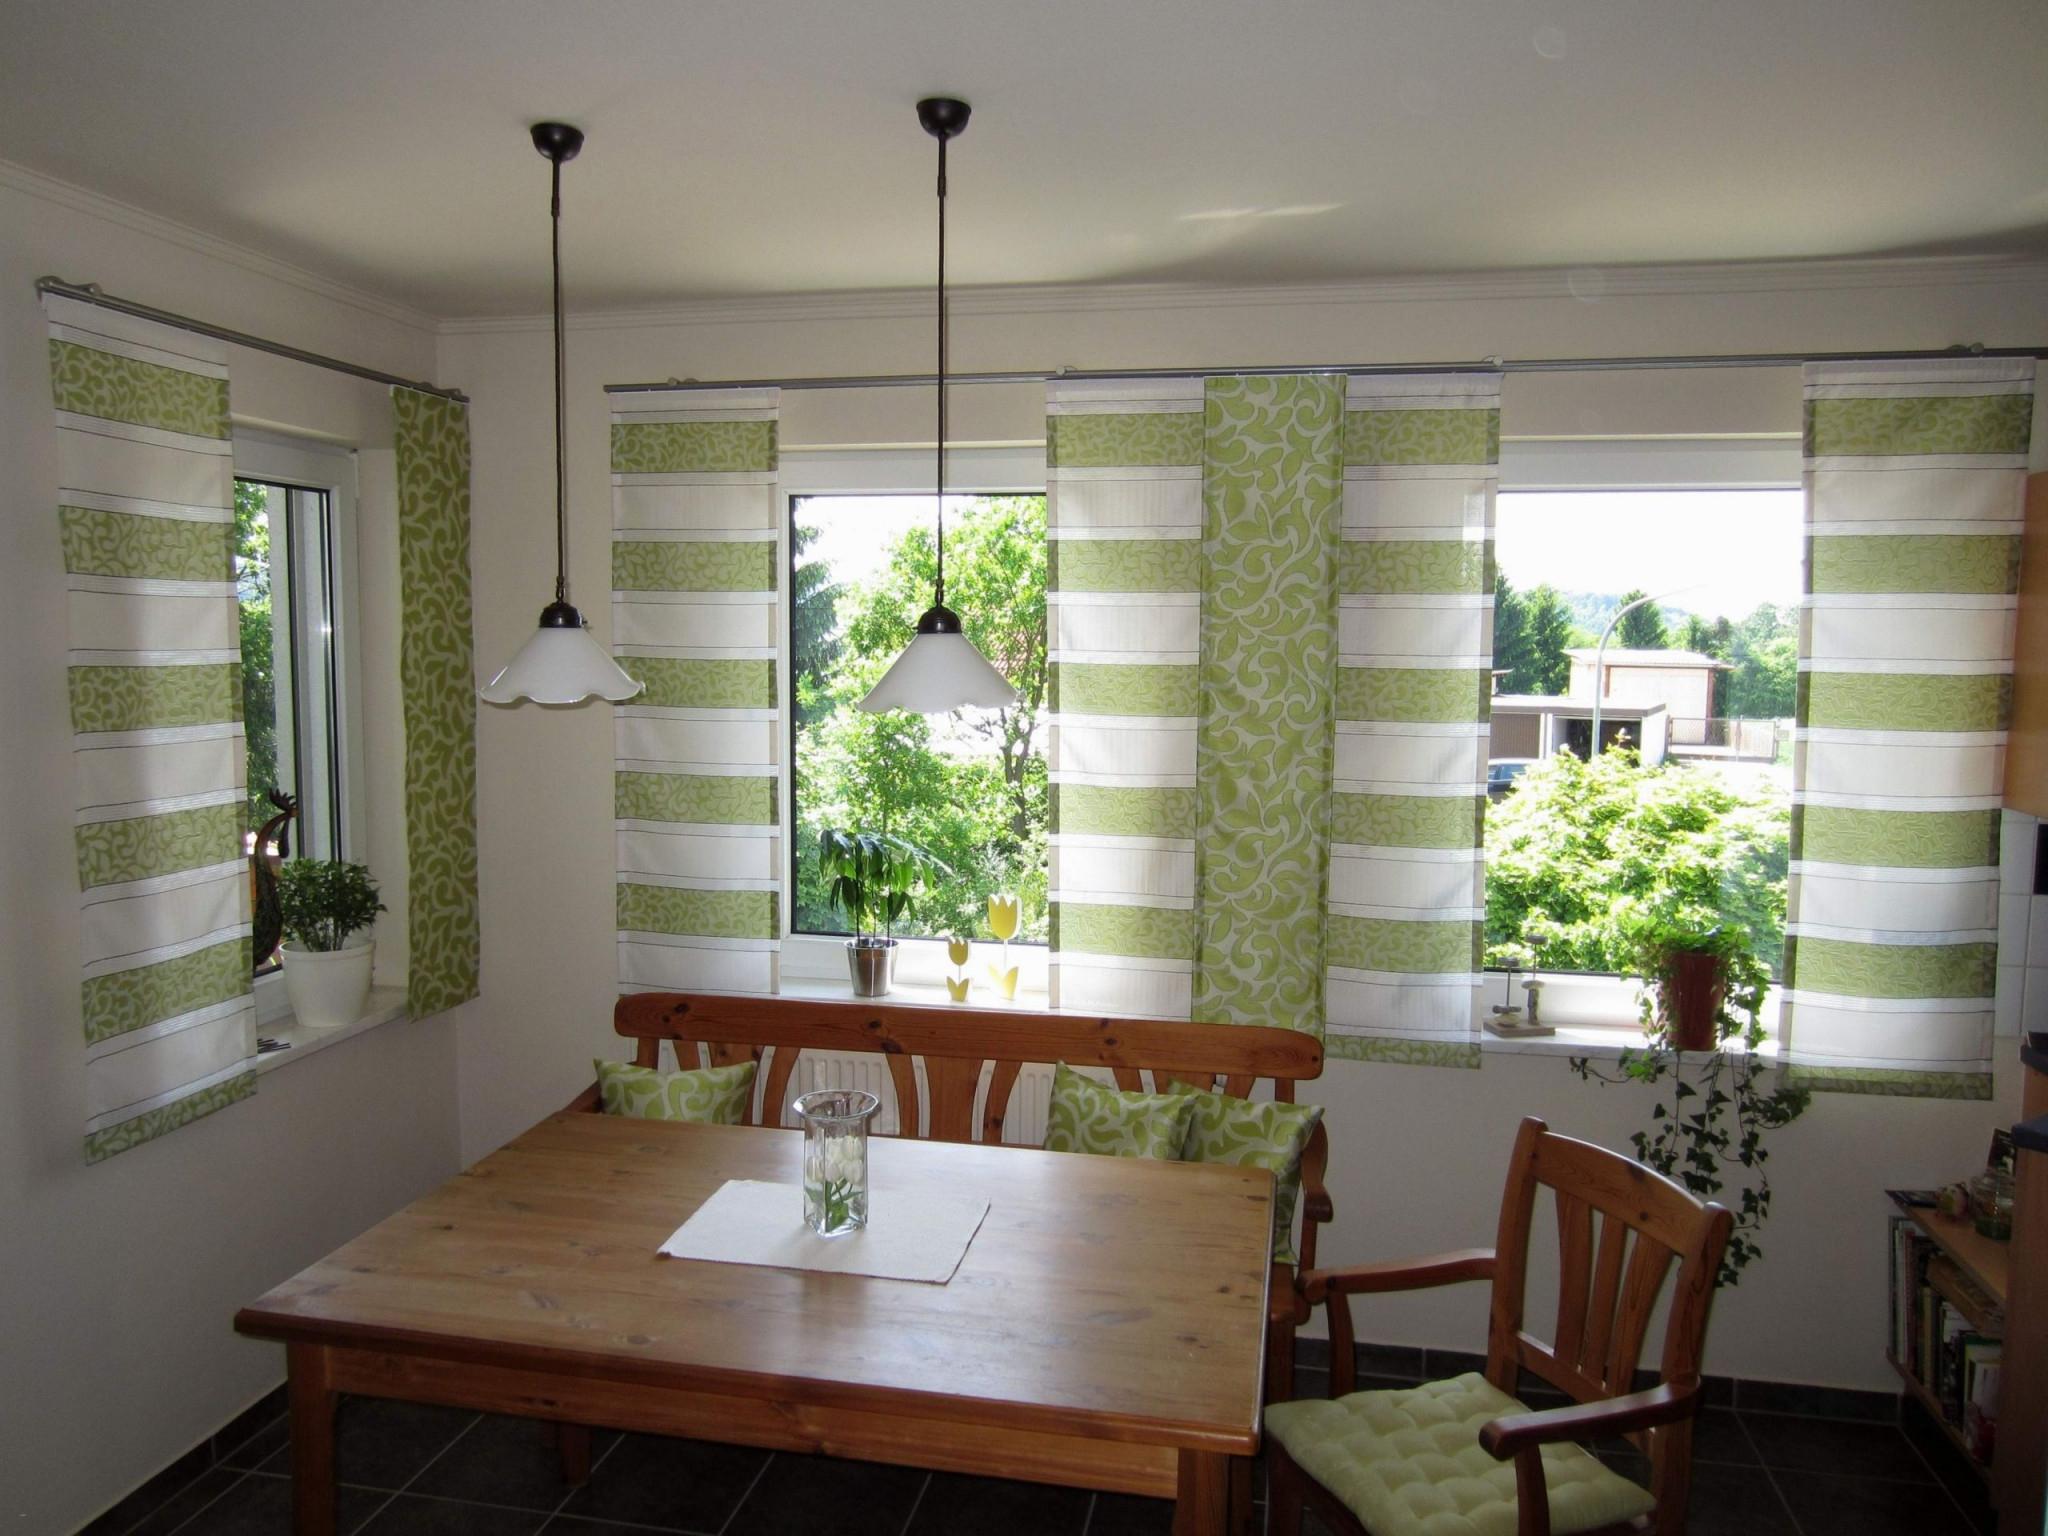 Moderne Gardinen Für Wohnzimmer Das Beste Von Fenster von Wohnzimmer Fenster Gardinen Ideen Bild